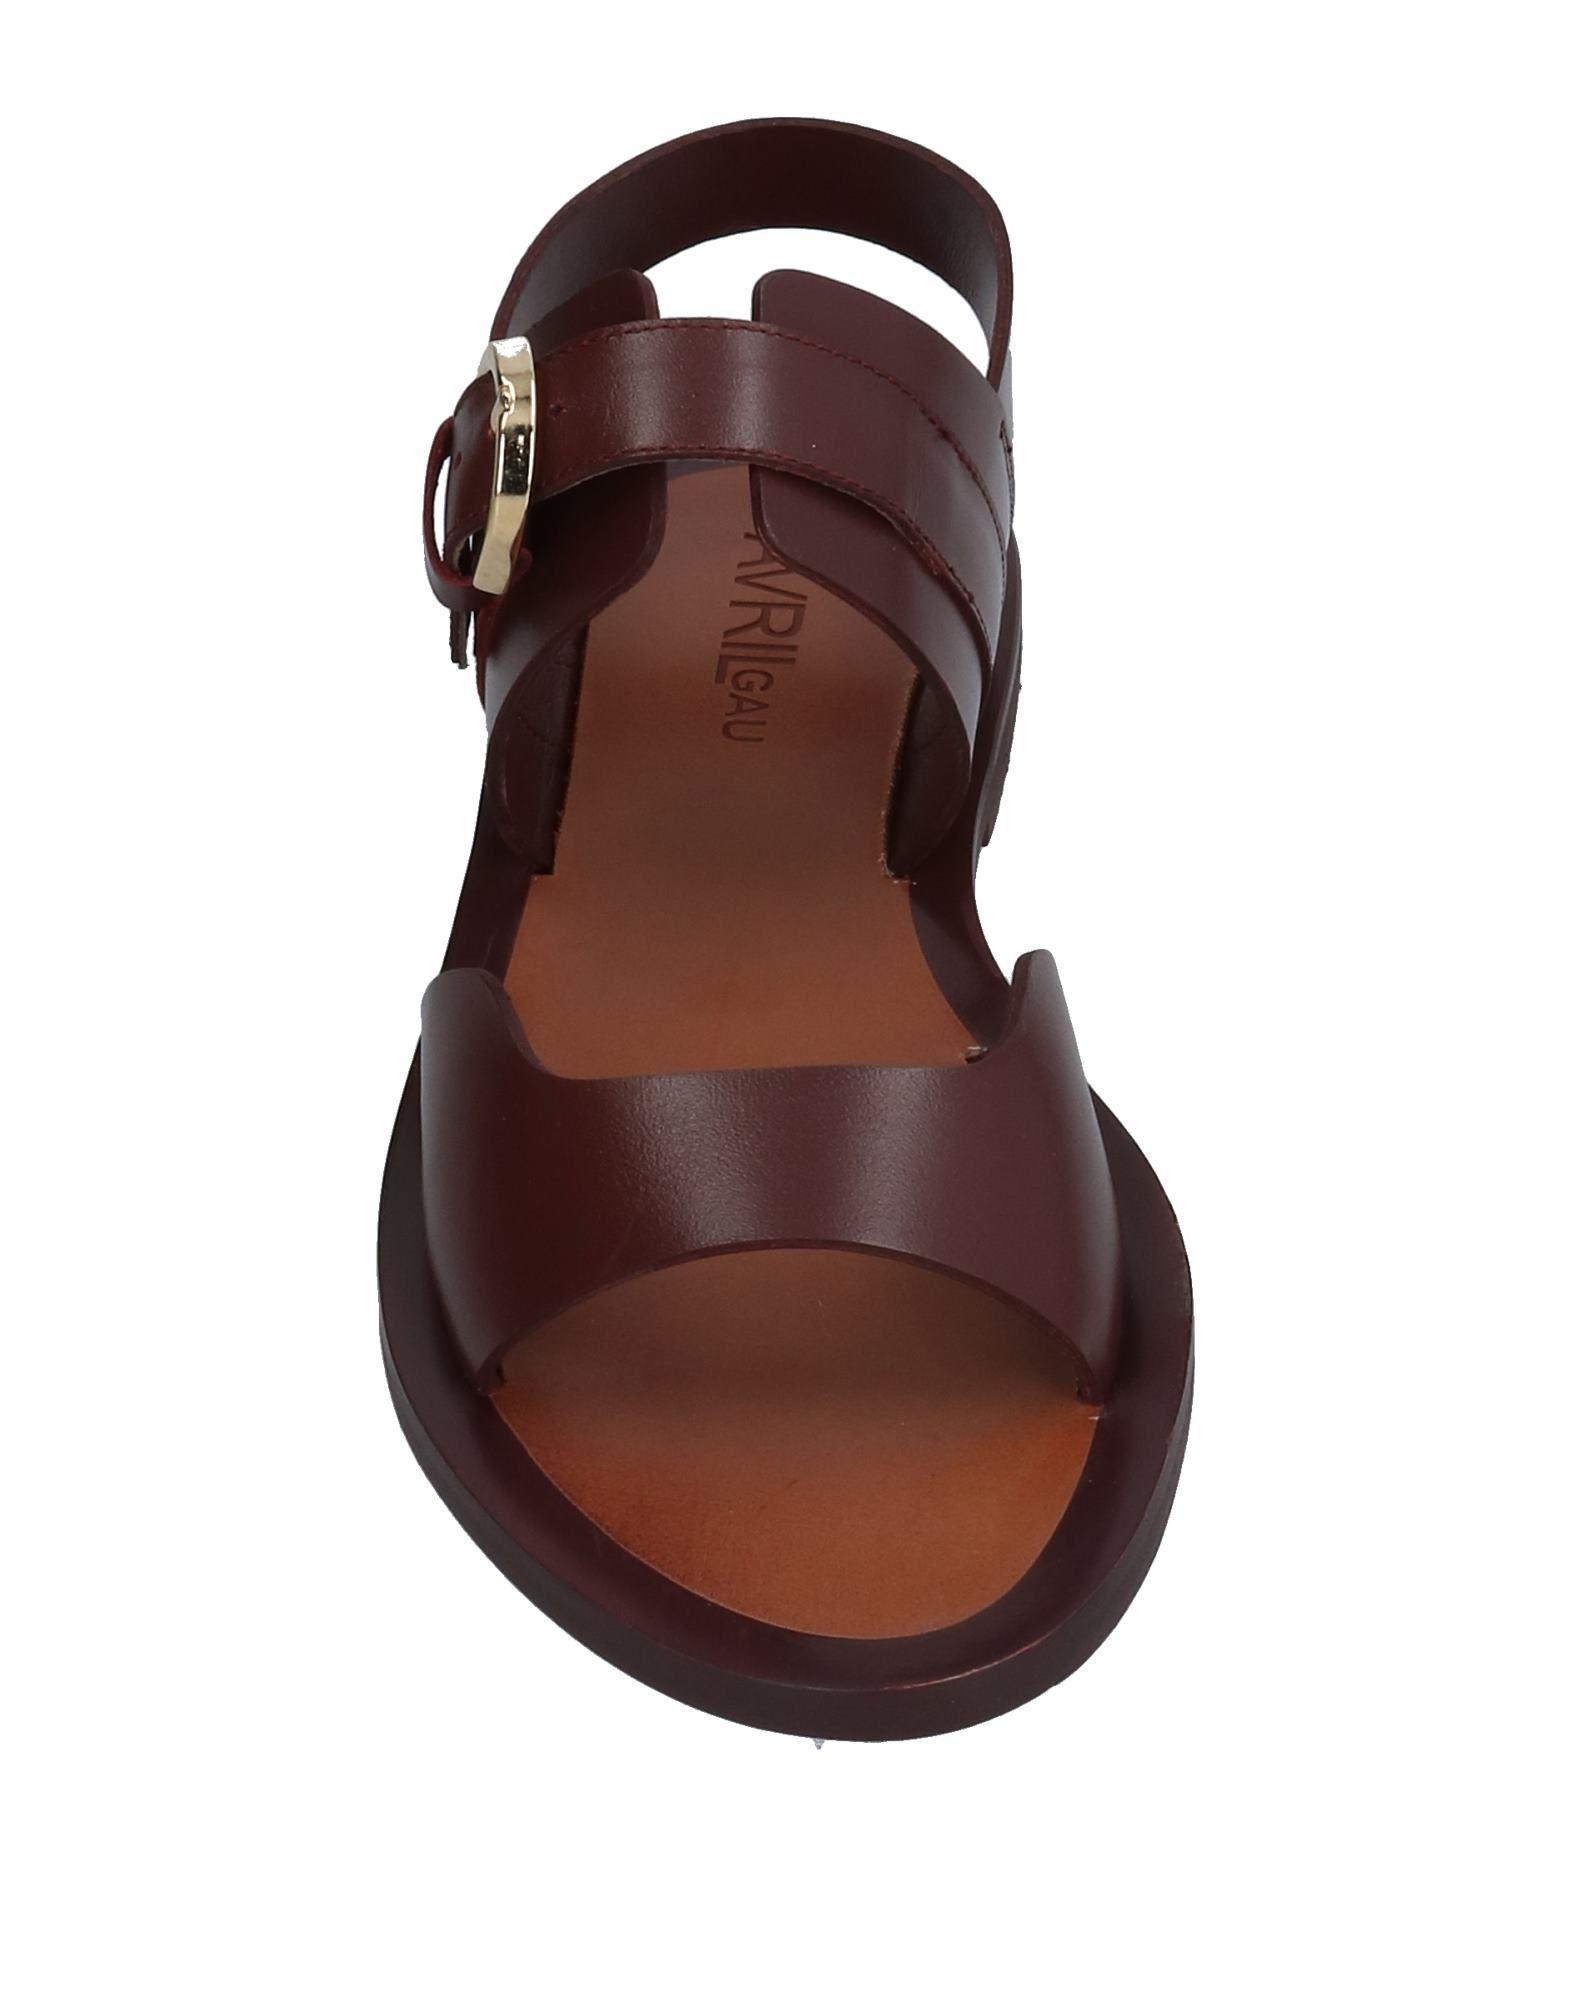 Avril Gau Sandalen Damen  11332211IA Gute Qualität beliebte Schuhe